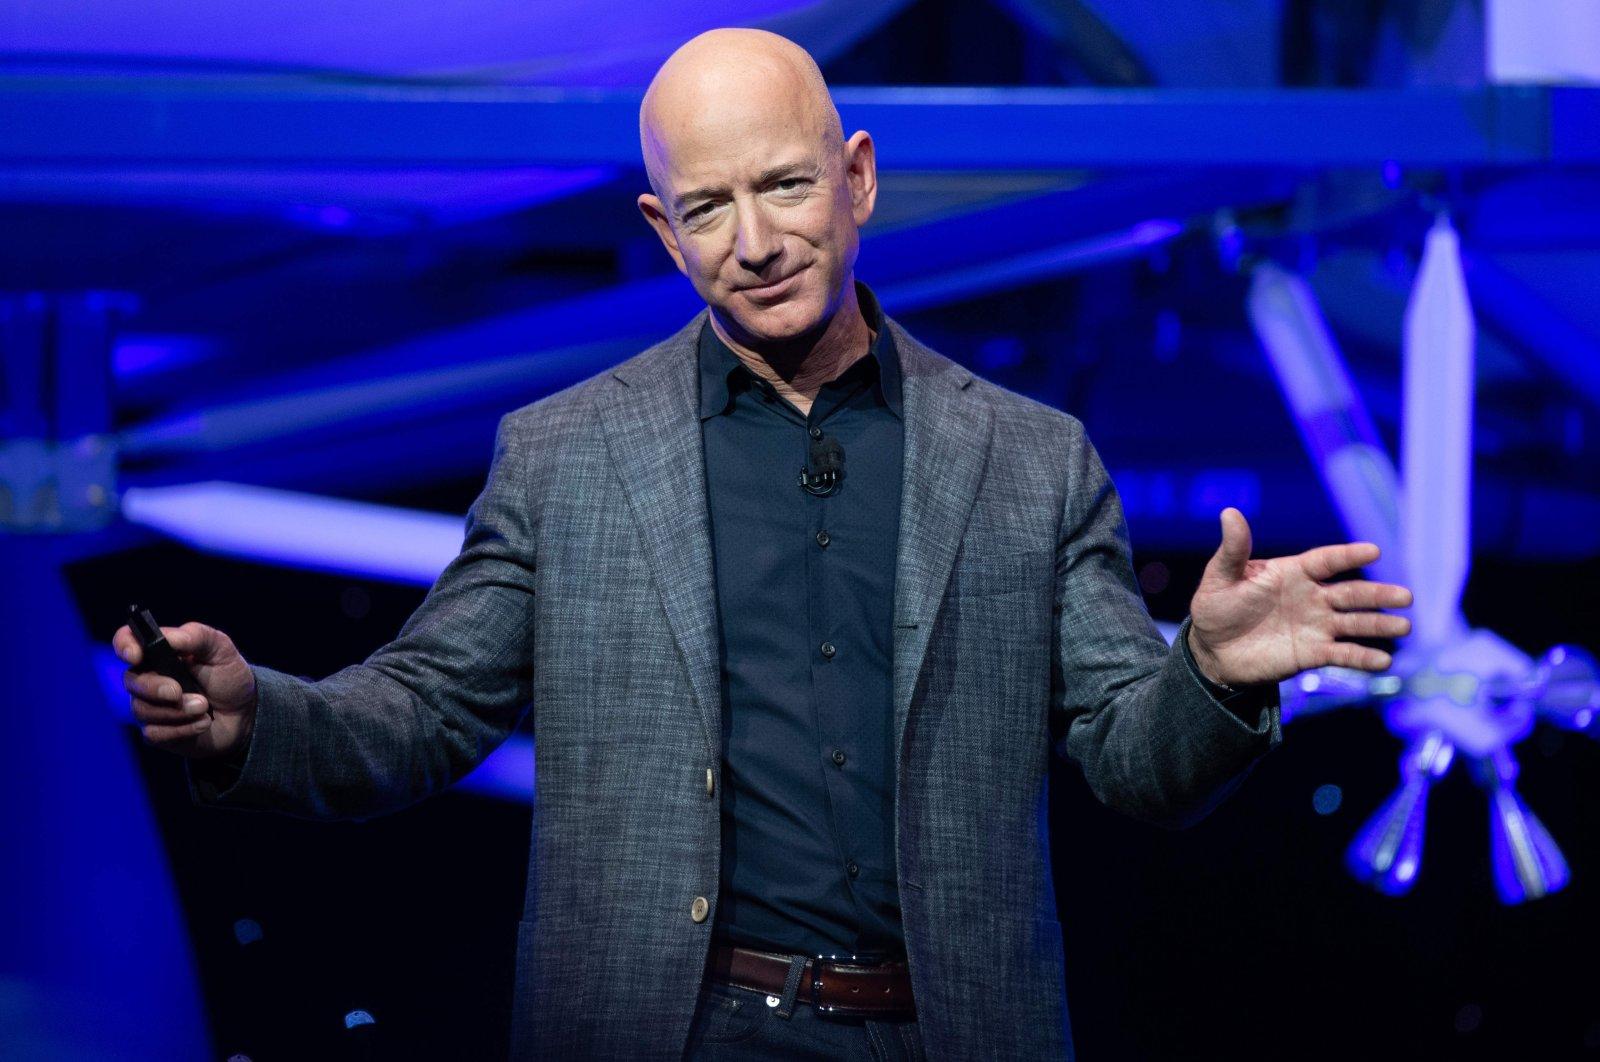 Jeff Bezos trong một sự kiện hồi tháng 5/2019 ở Washington DC. Ảnh: AFP.